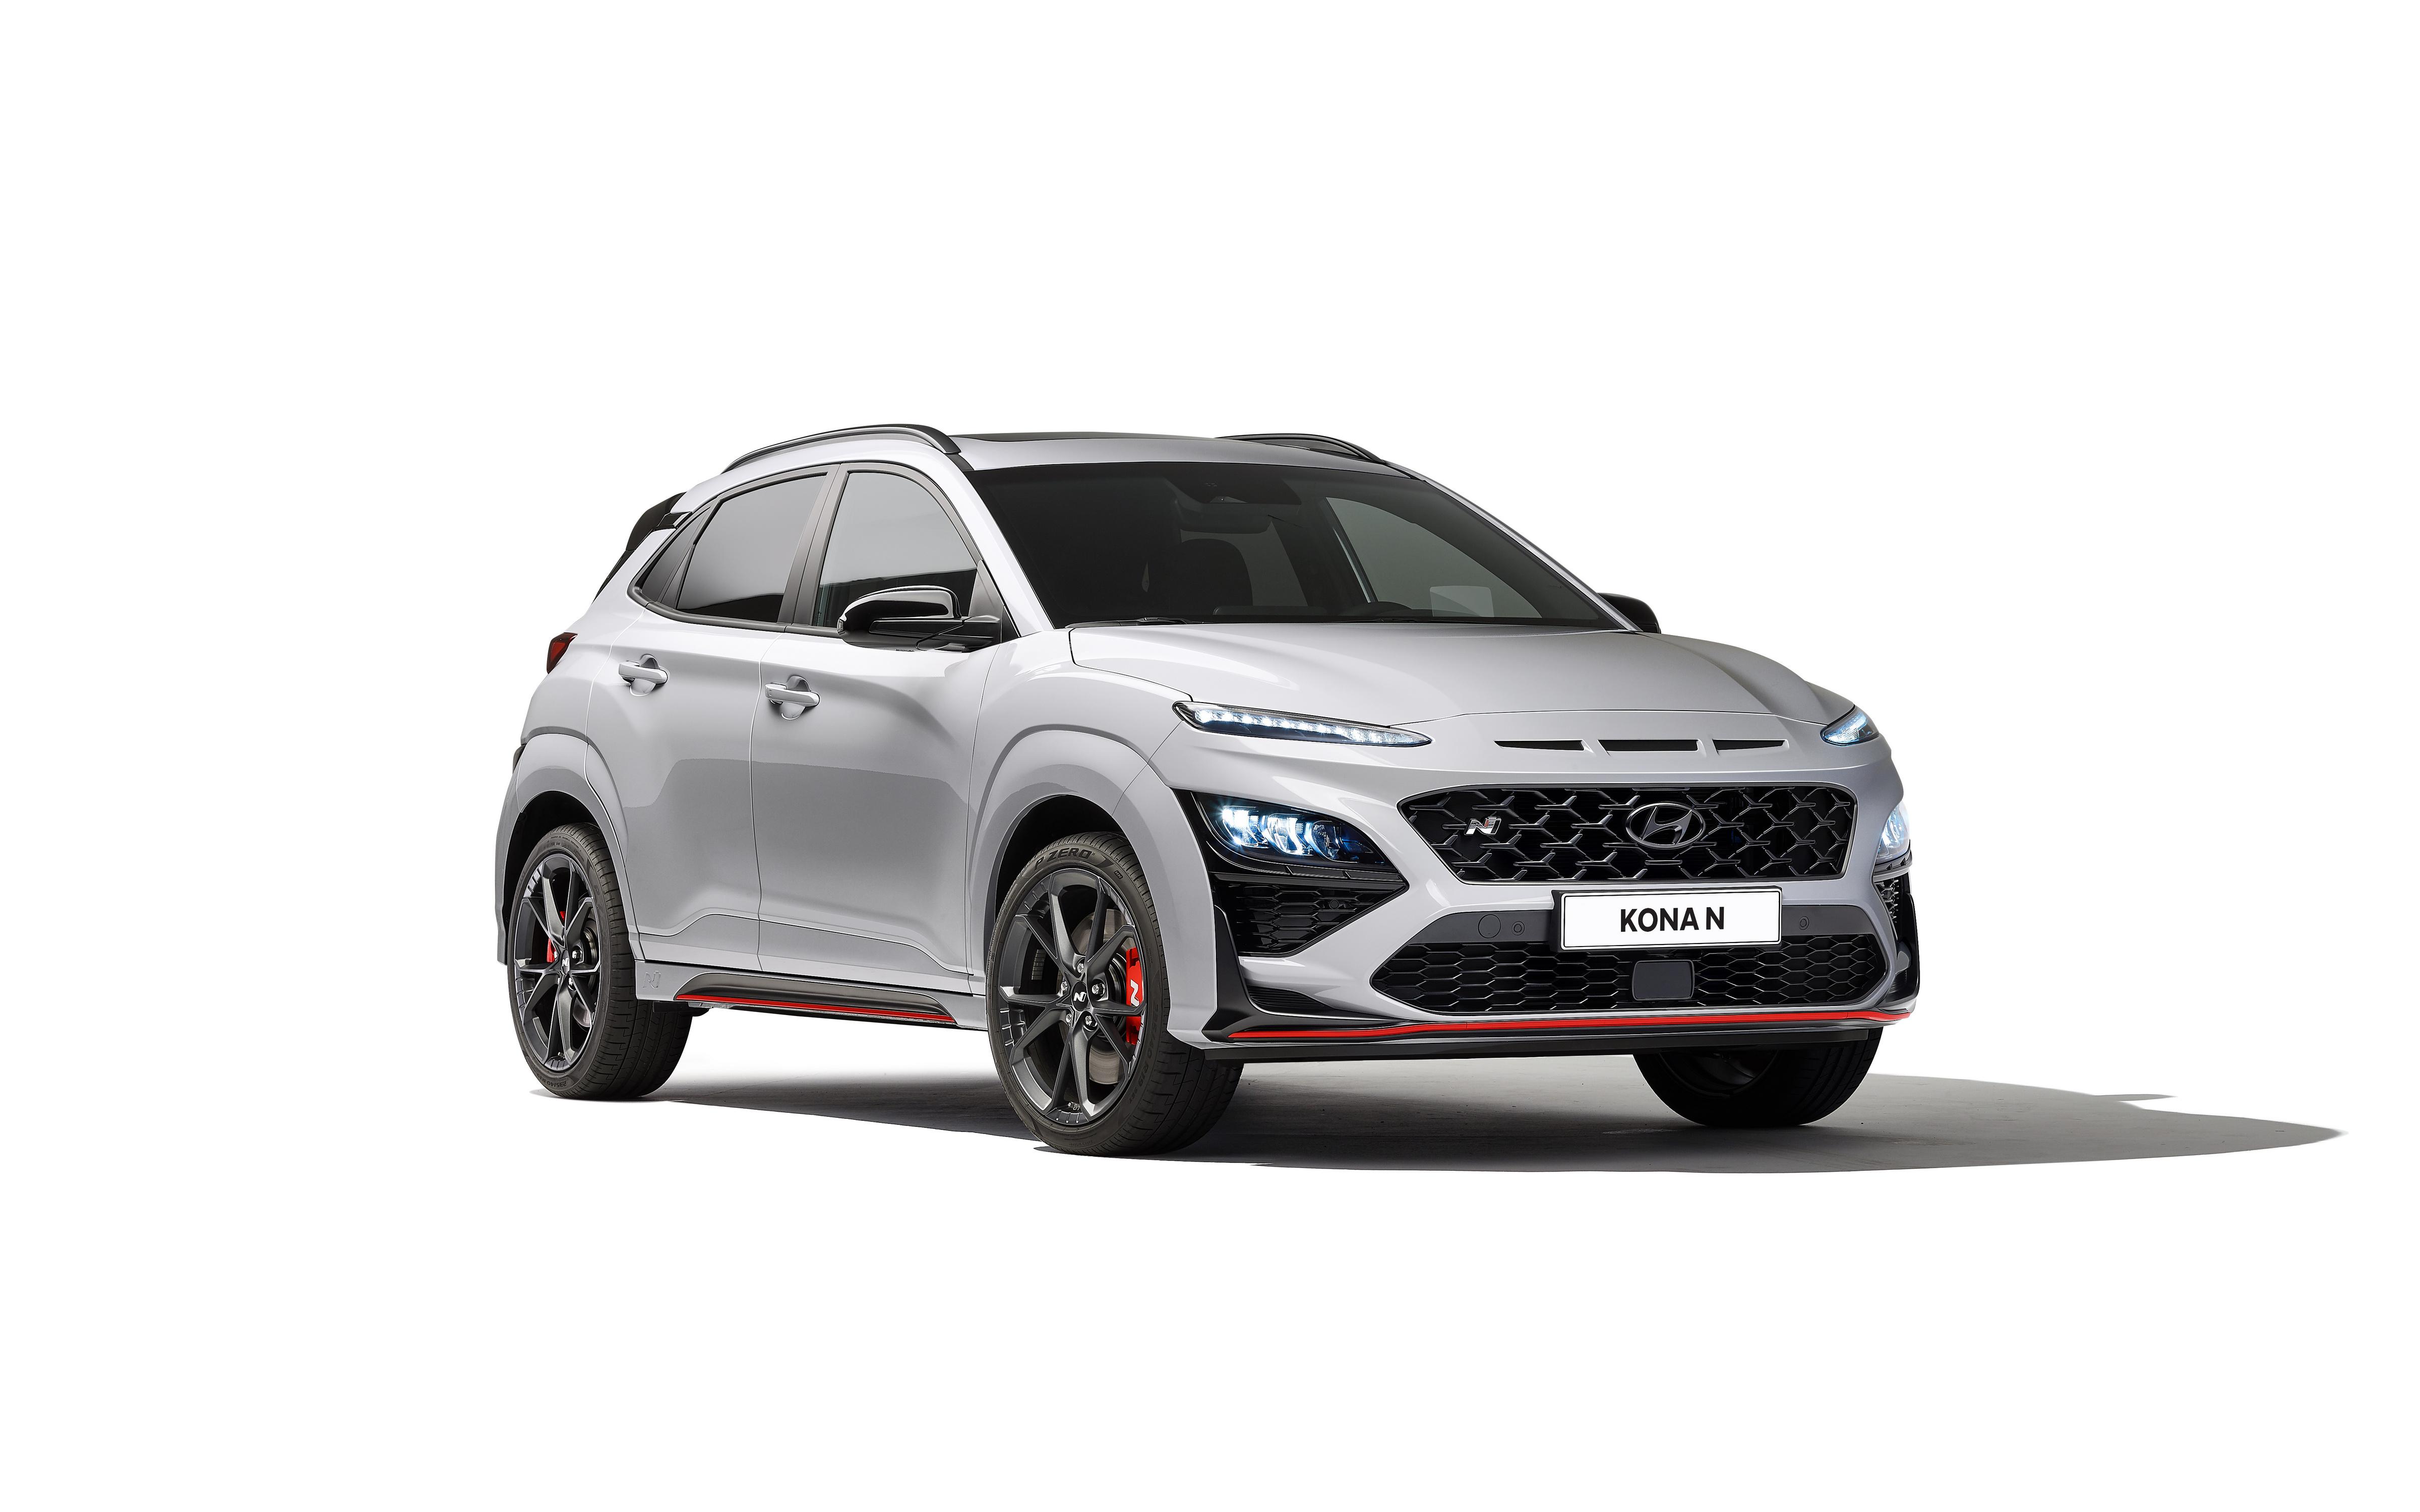 Foto Hyundai Kona N, (Worldwide), (OS), 2021 Silber Farbe Autos Metallisch Weißer hintergrund 4800x3000 auto automobil